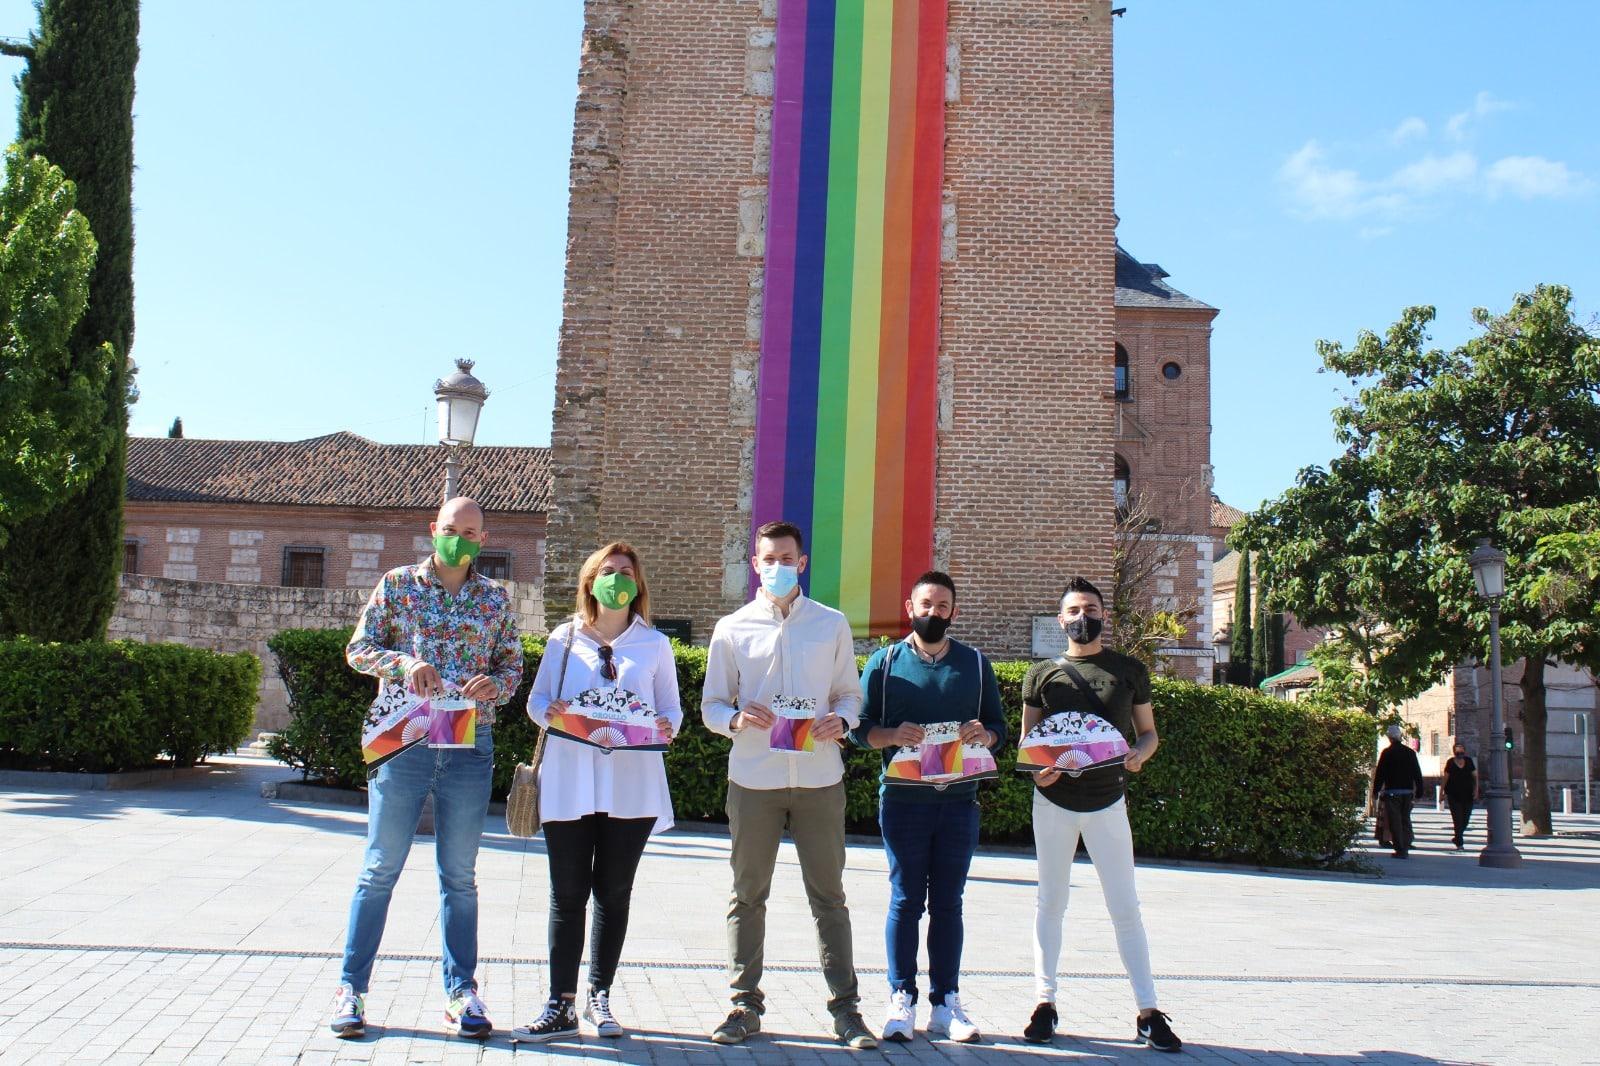 Juventudes apoya la Agenda LGBTI 2021